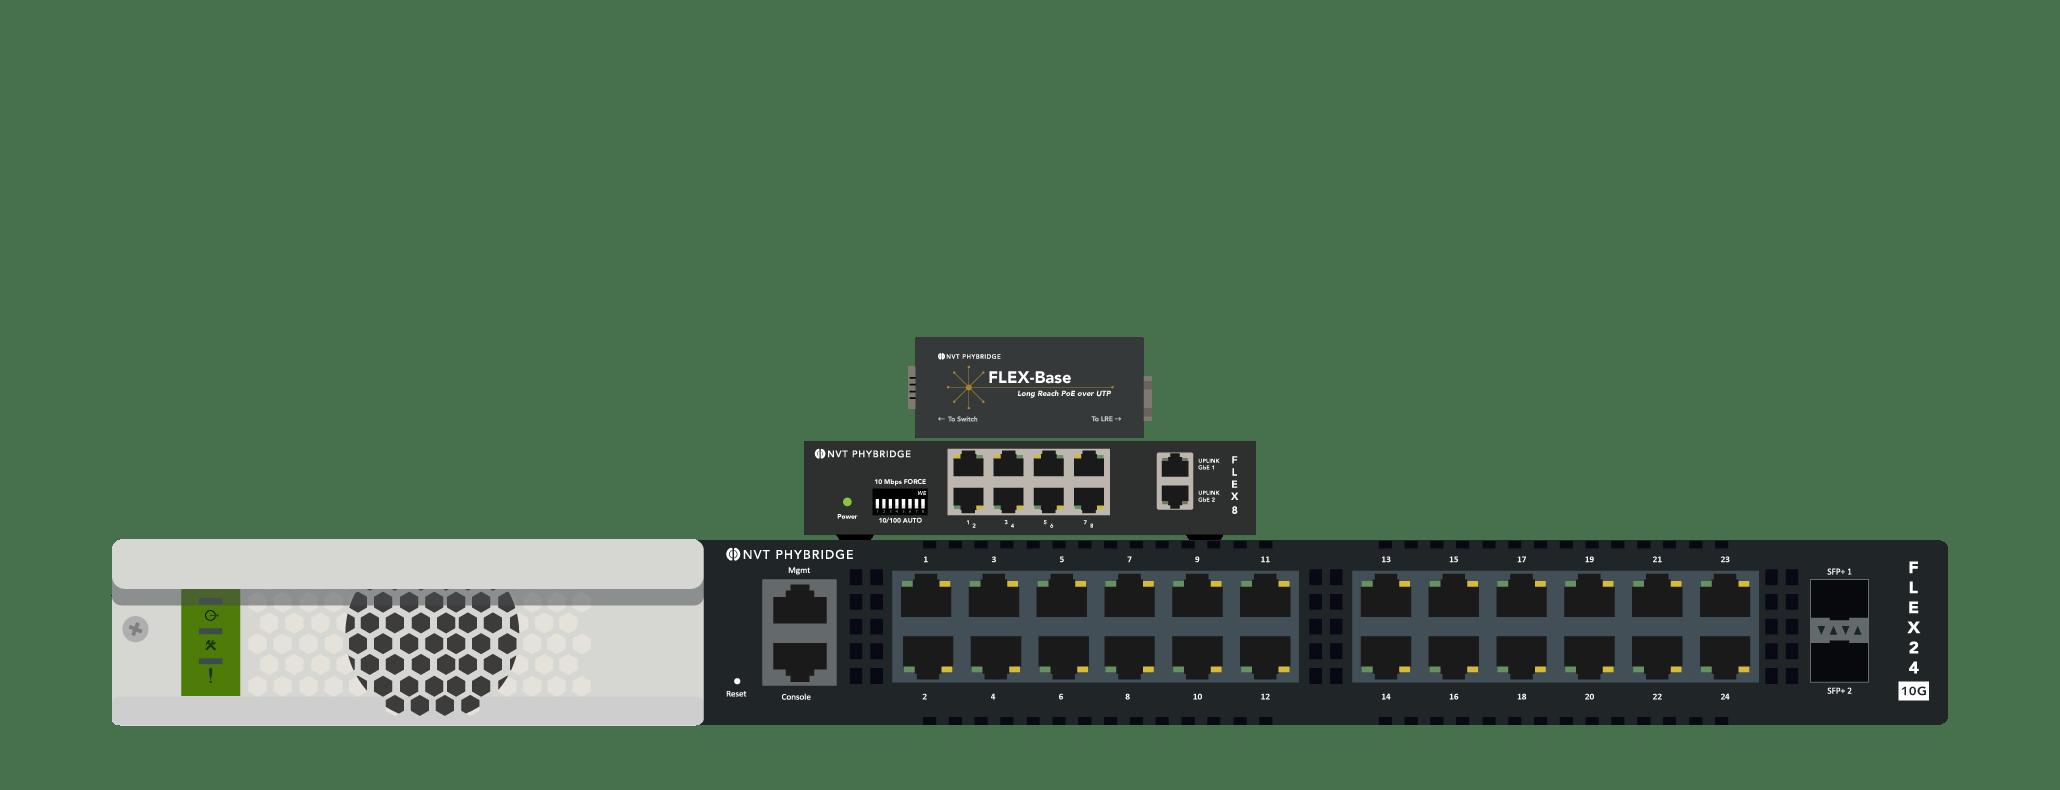 FLEX Switches